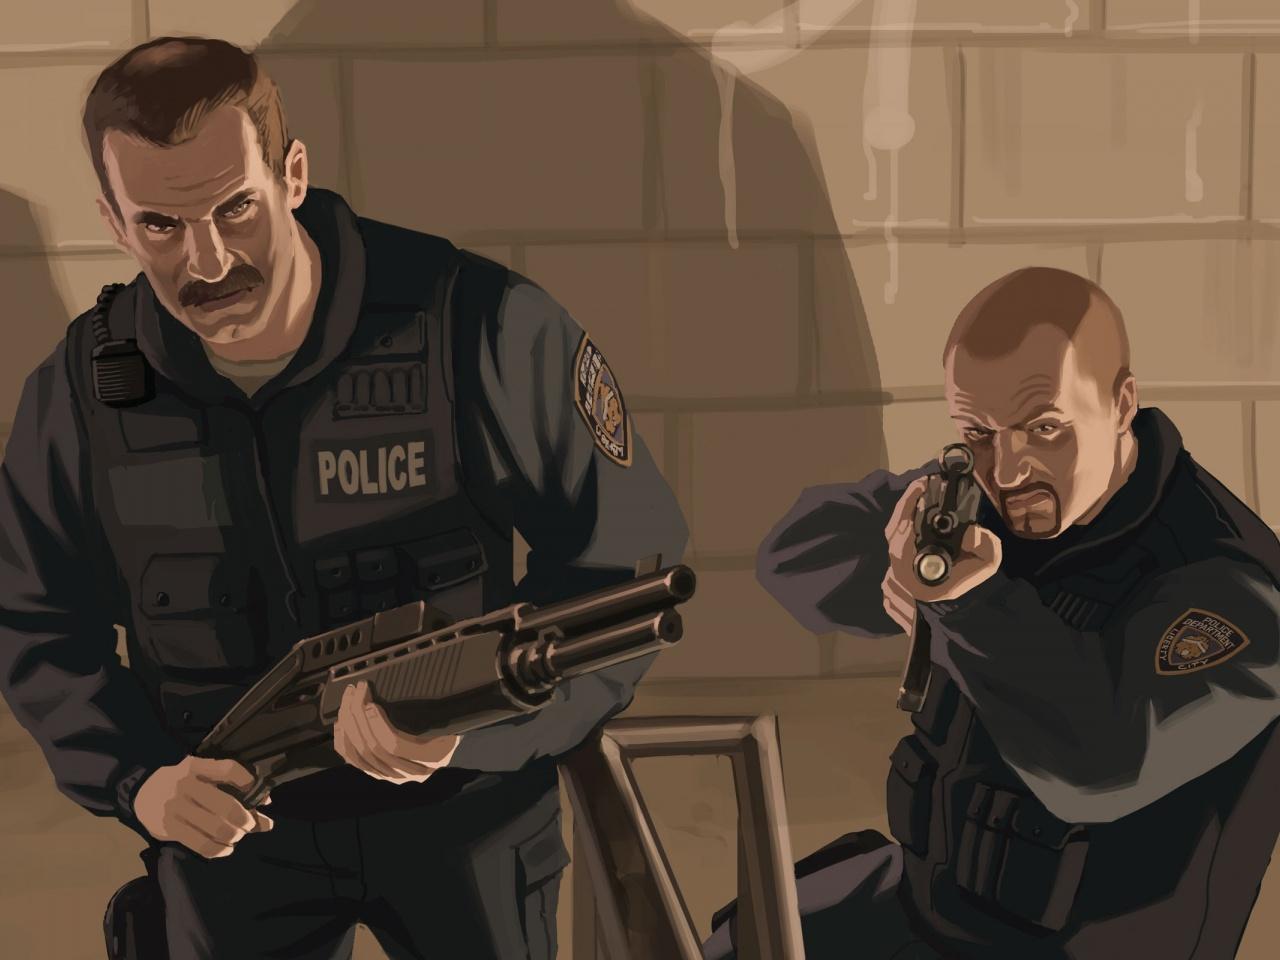 На страже закона: в мире видеоигр и в реальности